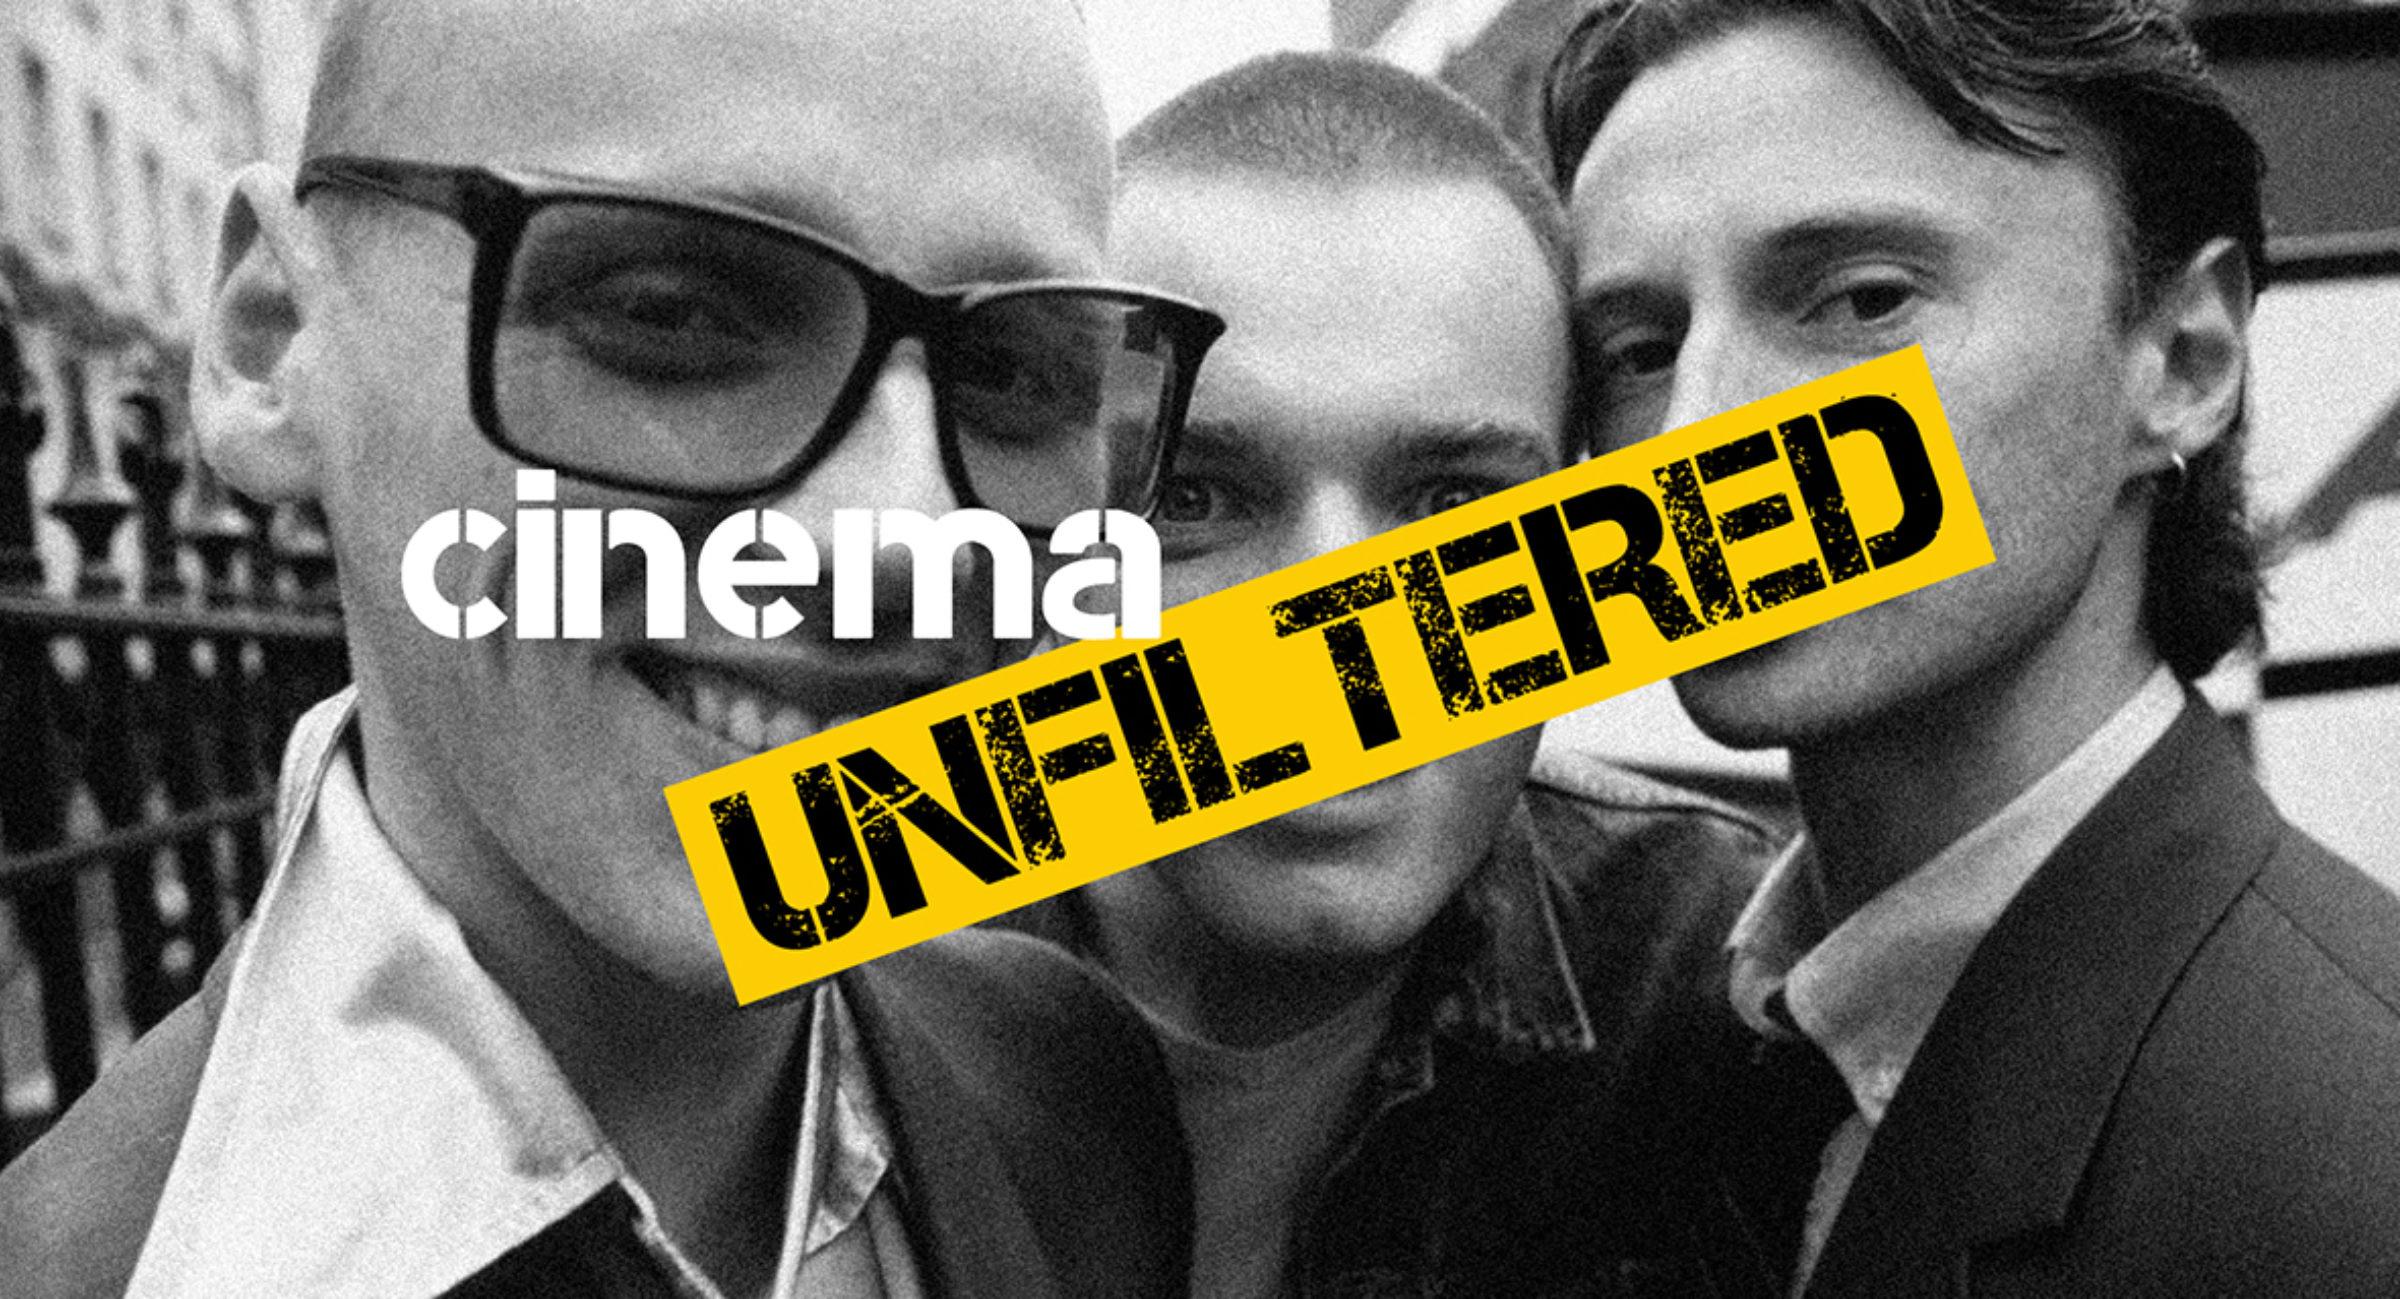 Campagnebeeld Cinema Unfiltered launch 3901 1581937139 35i1y5y29o